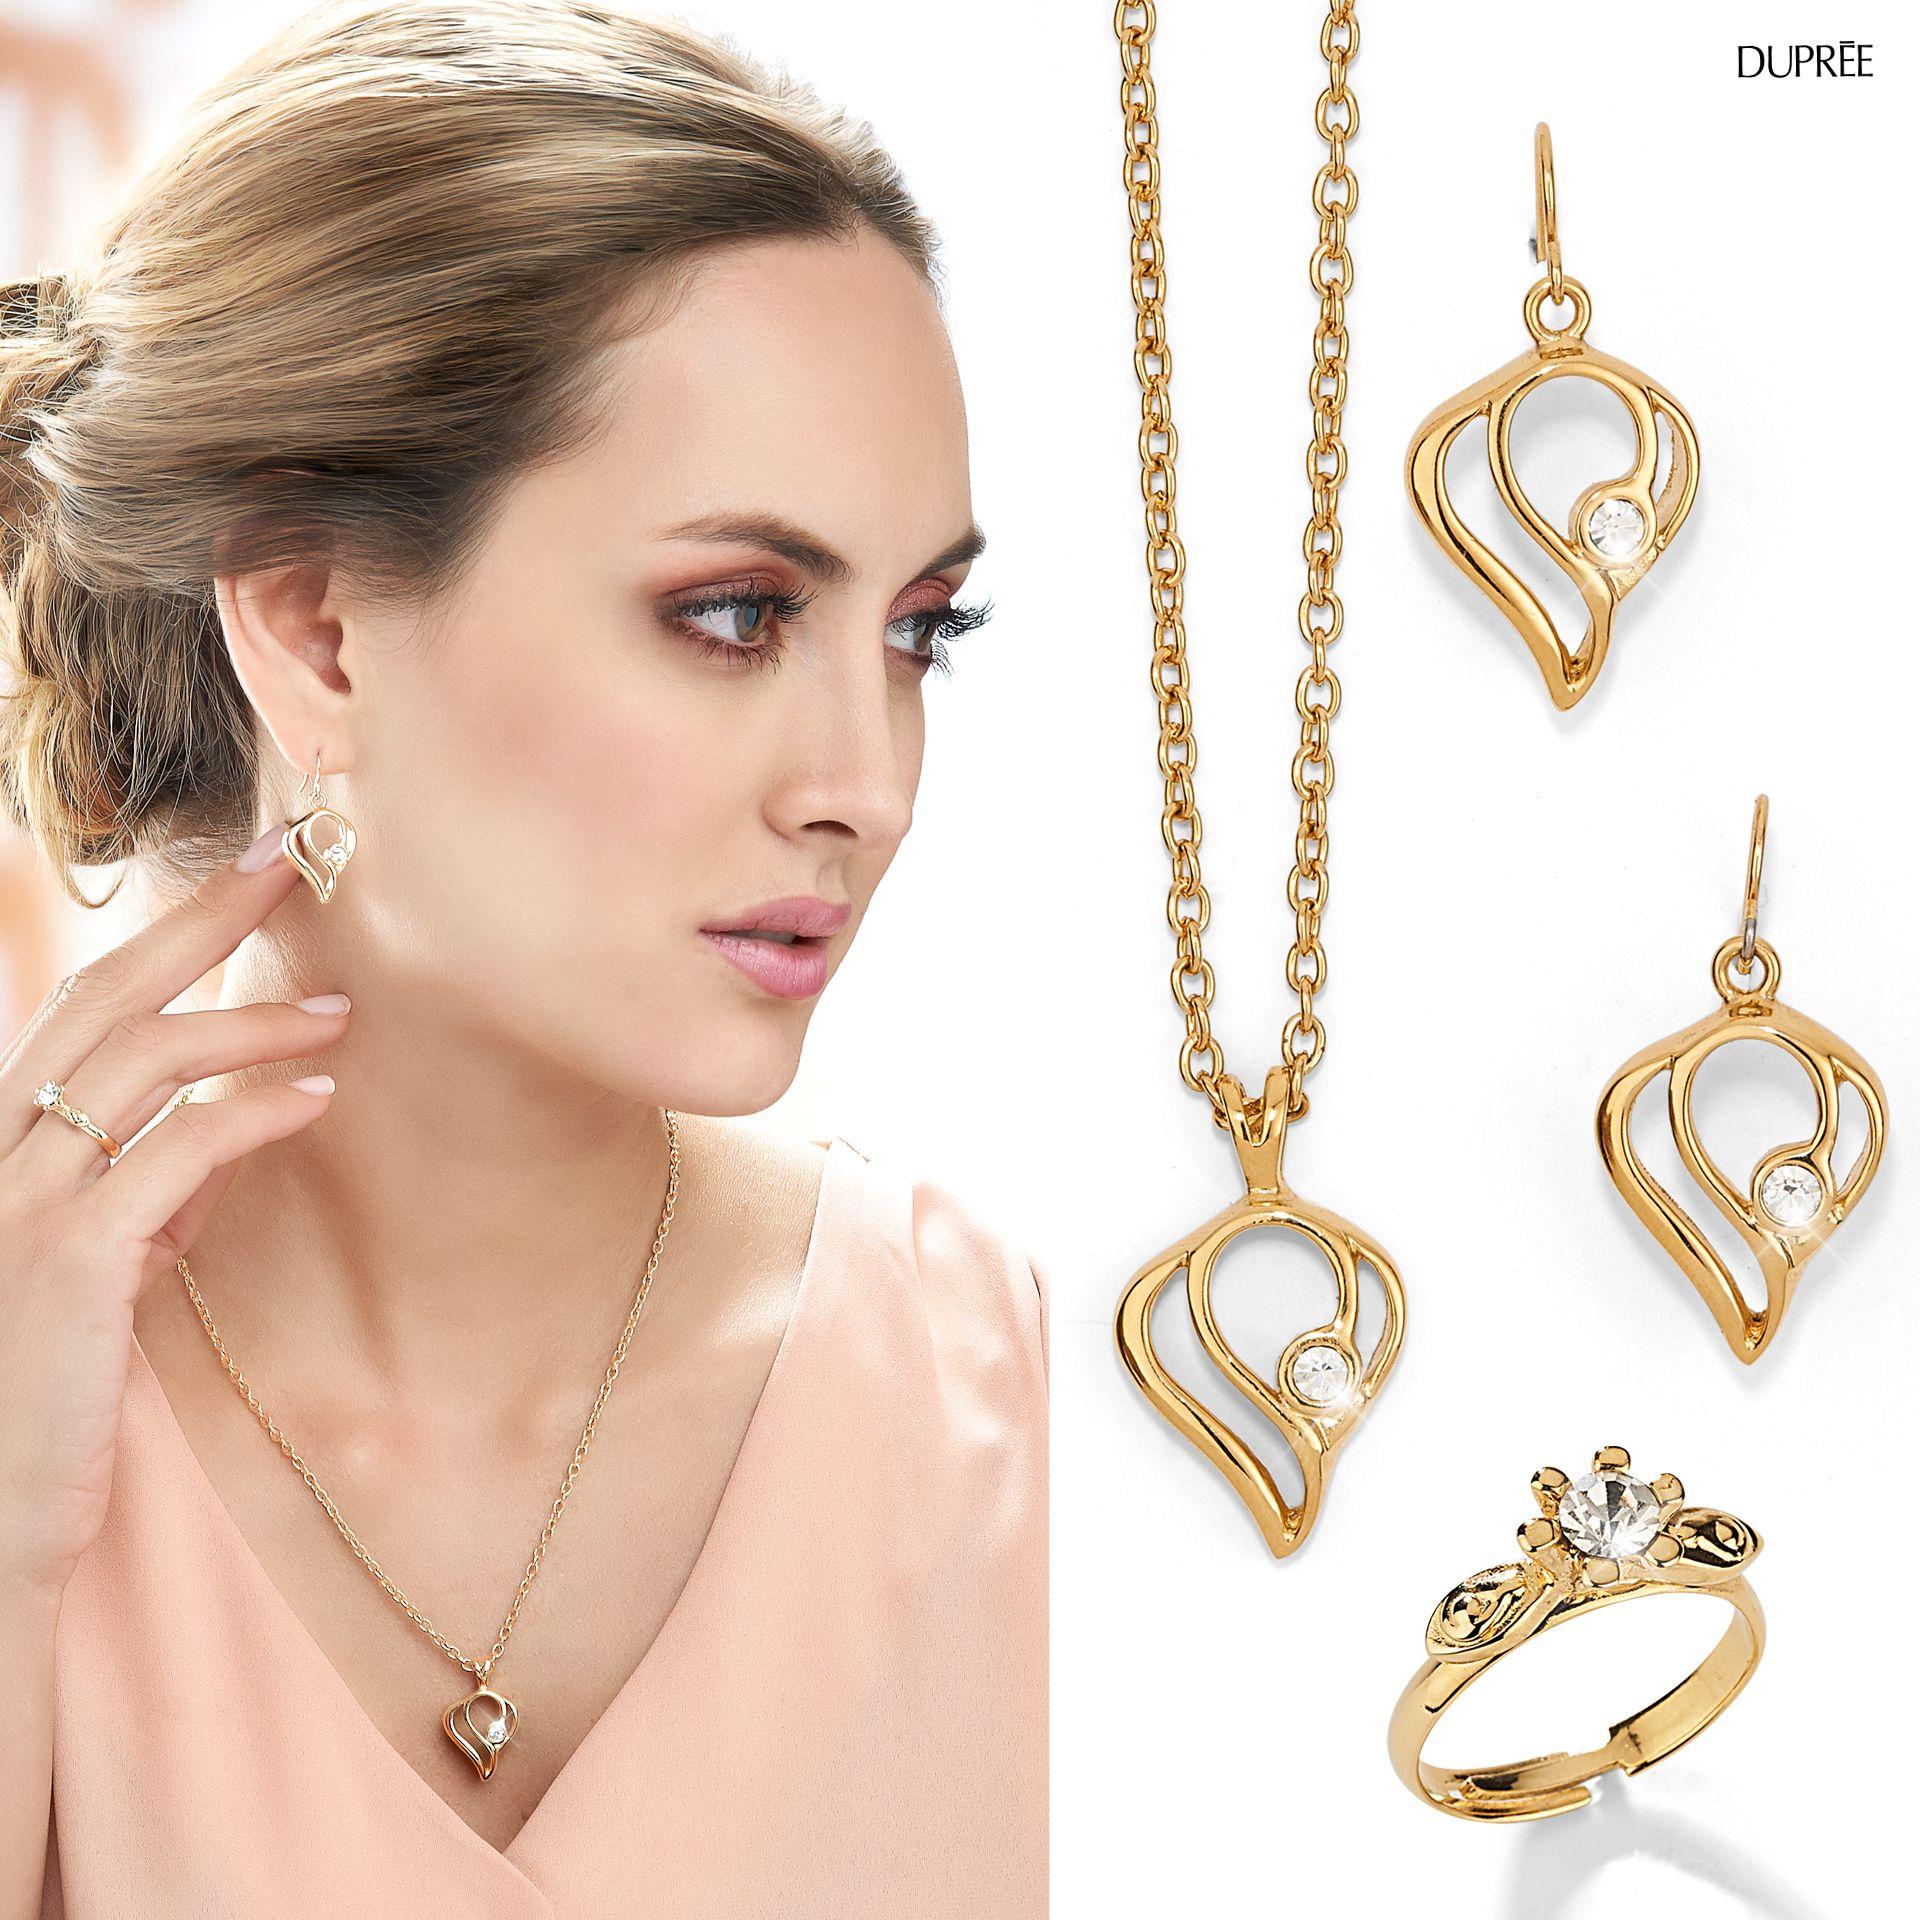 3b35296c66d5 Accesorios dorados elegantes. Noche de fiesta  collar  aretes  anillo.  Dupree